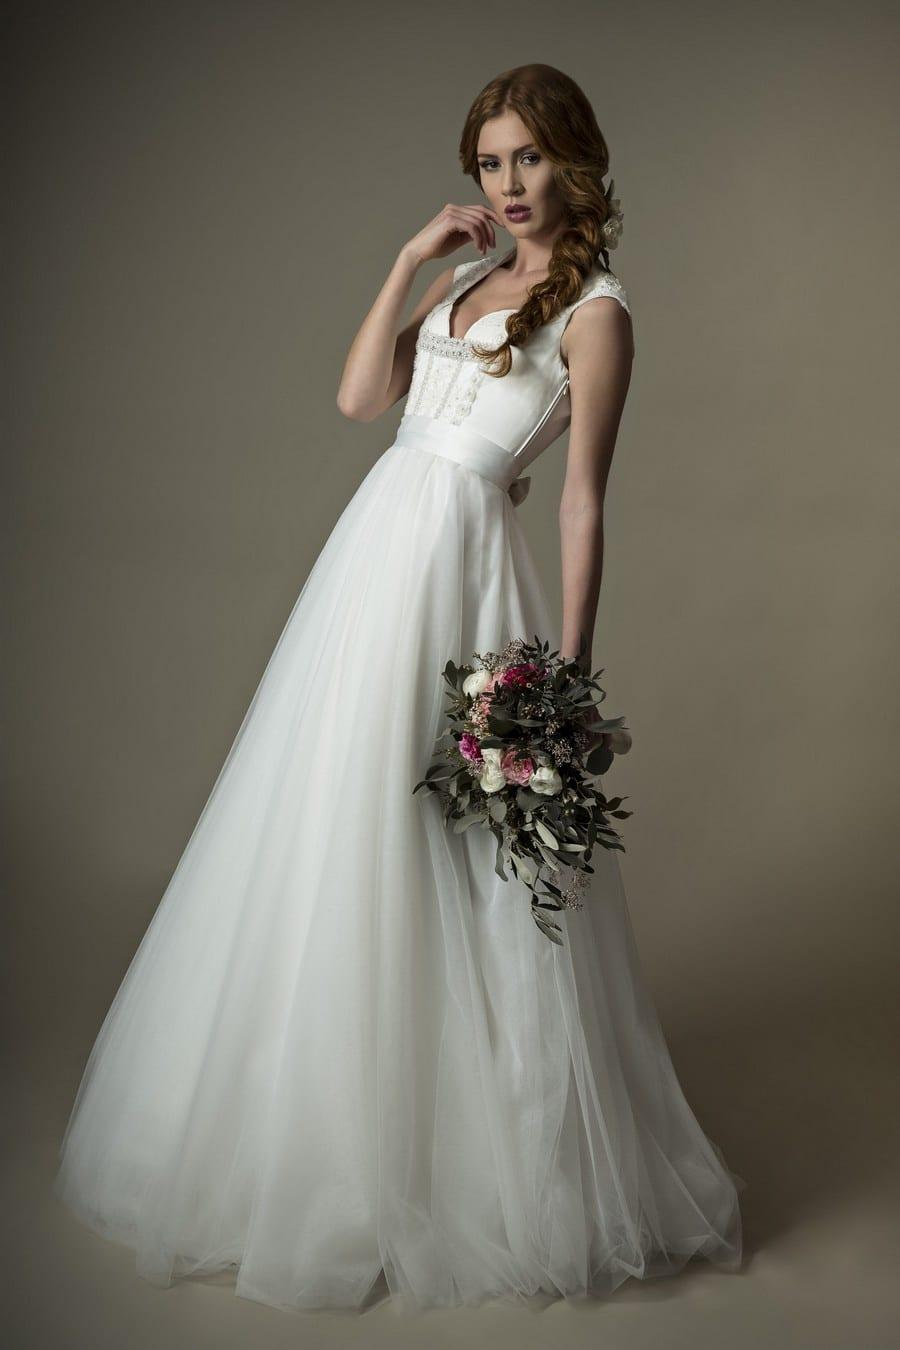 Exklusives Braut-Dirndl in Weiß  im Vintage-Design